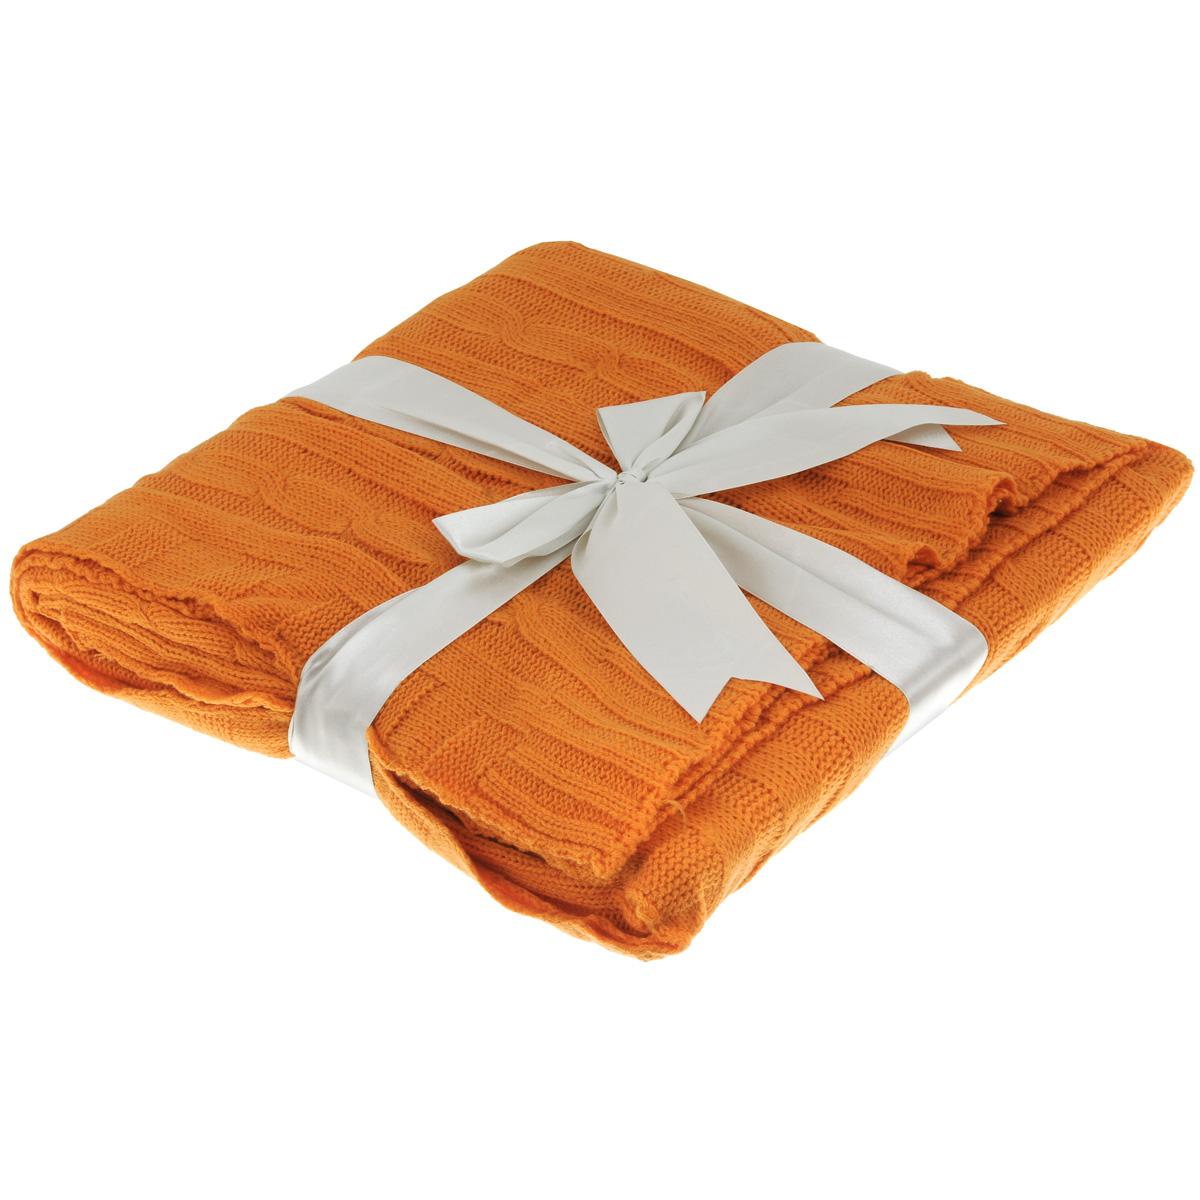 Плед Mona Liza Classic Monet, цвет: оранжевый, 140 х 180 см520403/3Оригинальный вязаный плед Mona Liza Classic Monet послужит теплым, мягким и практичным подарком близким людям. Плед изготовлен из высококачественного 100% акрила. Яркий и приятный на ощупь плед Mona Liza Classic Monet станет отличным дополнением в вашем интерьере.